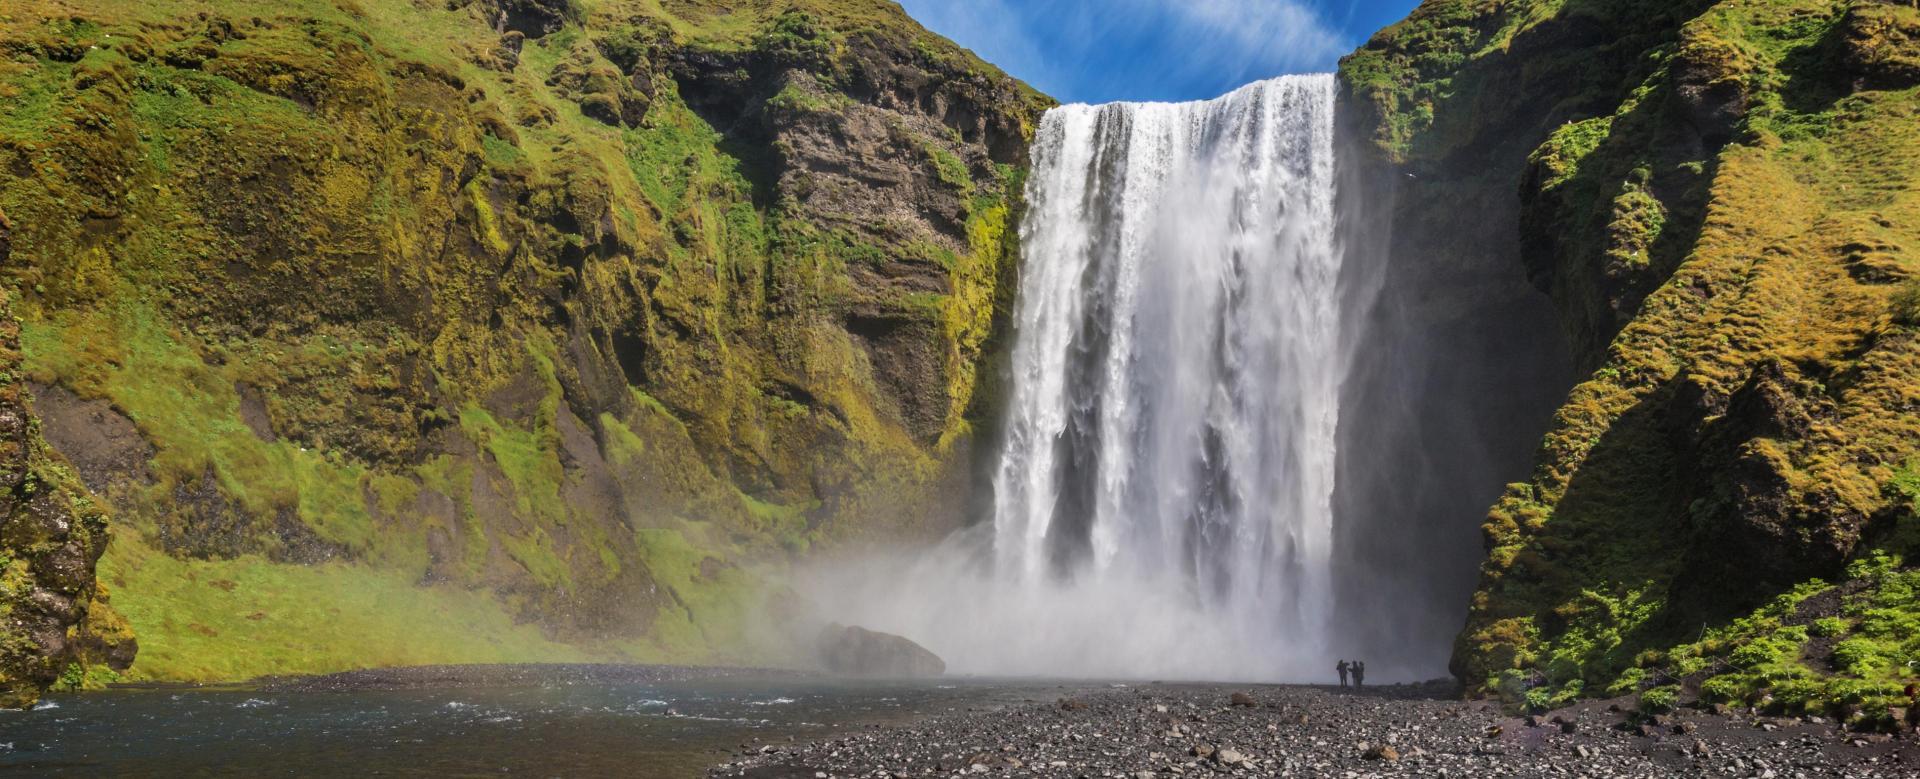 Voyage à pied Islande : L'île aux merveilles